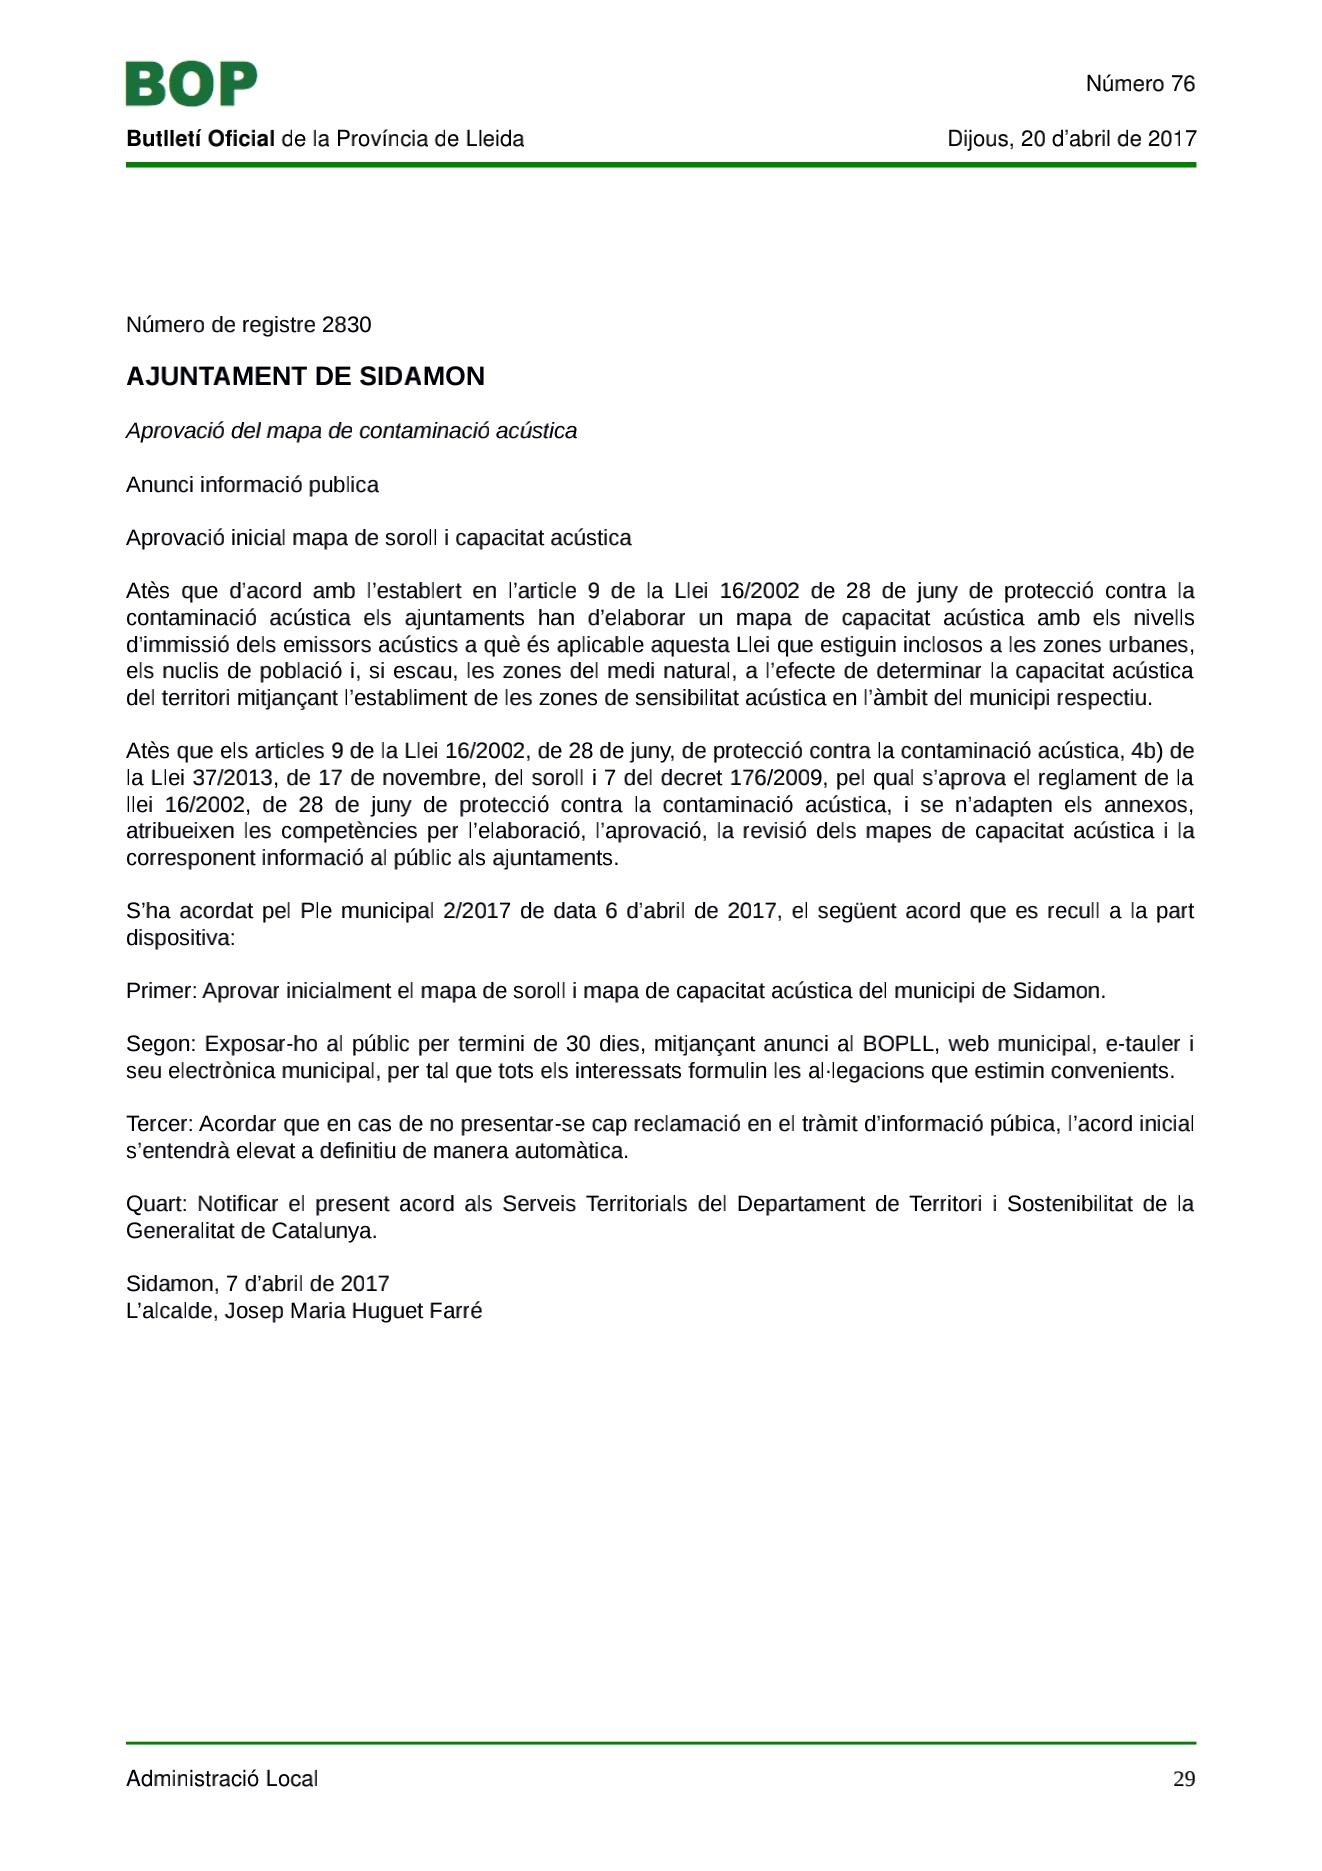 BOPLL 76_20170420_CONTAMINACIO ACÚSTICA: Page-1.jpg